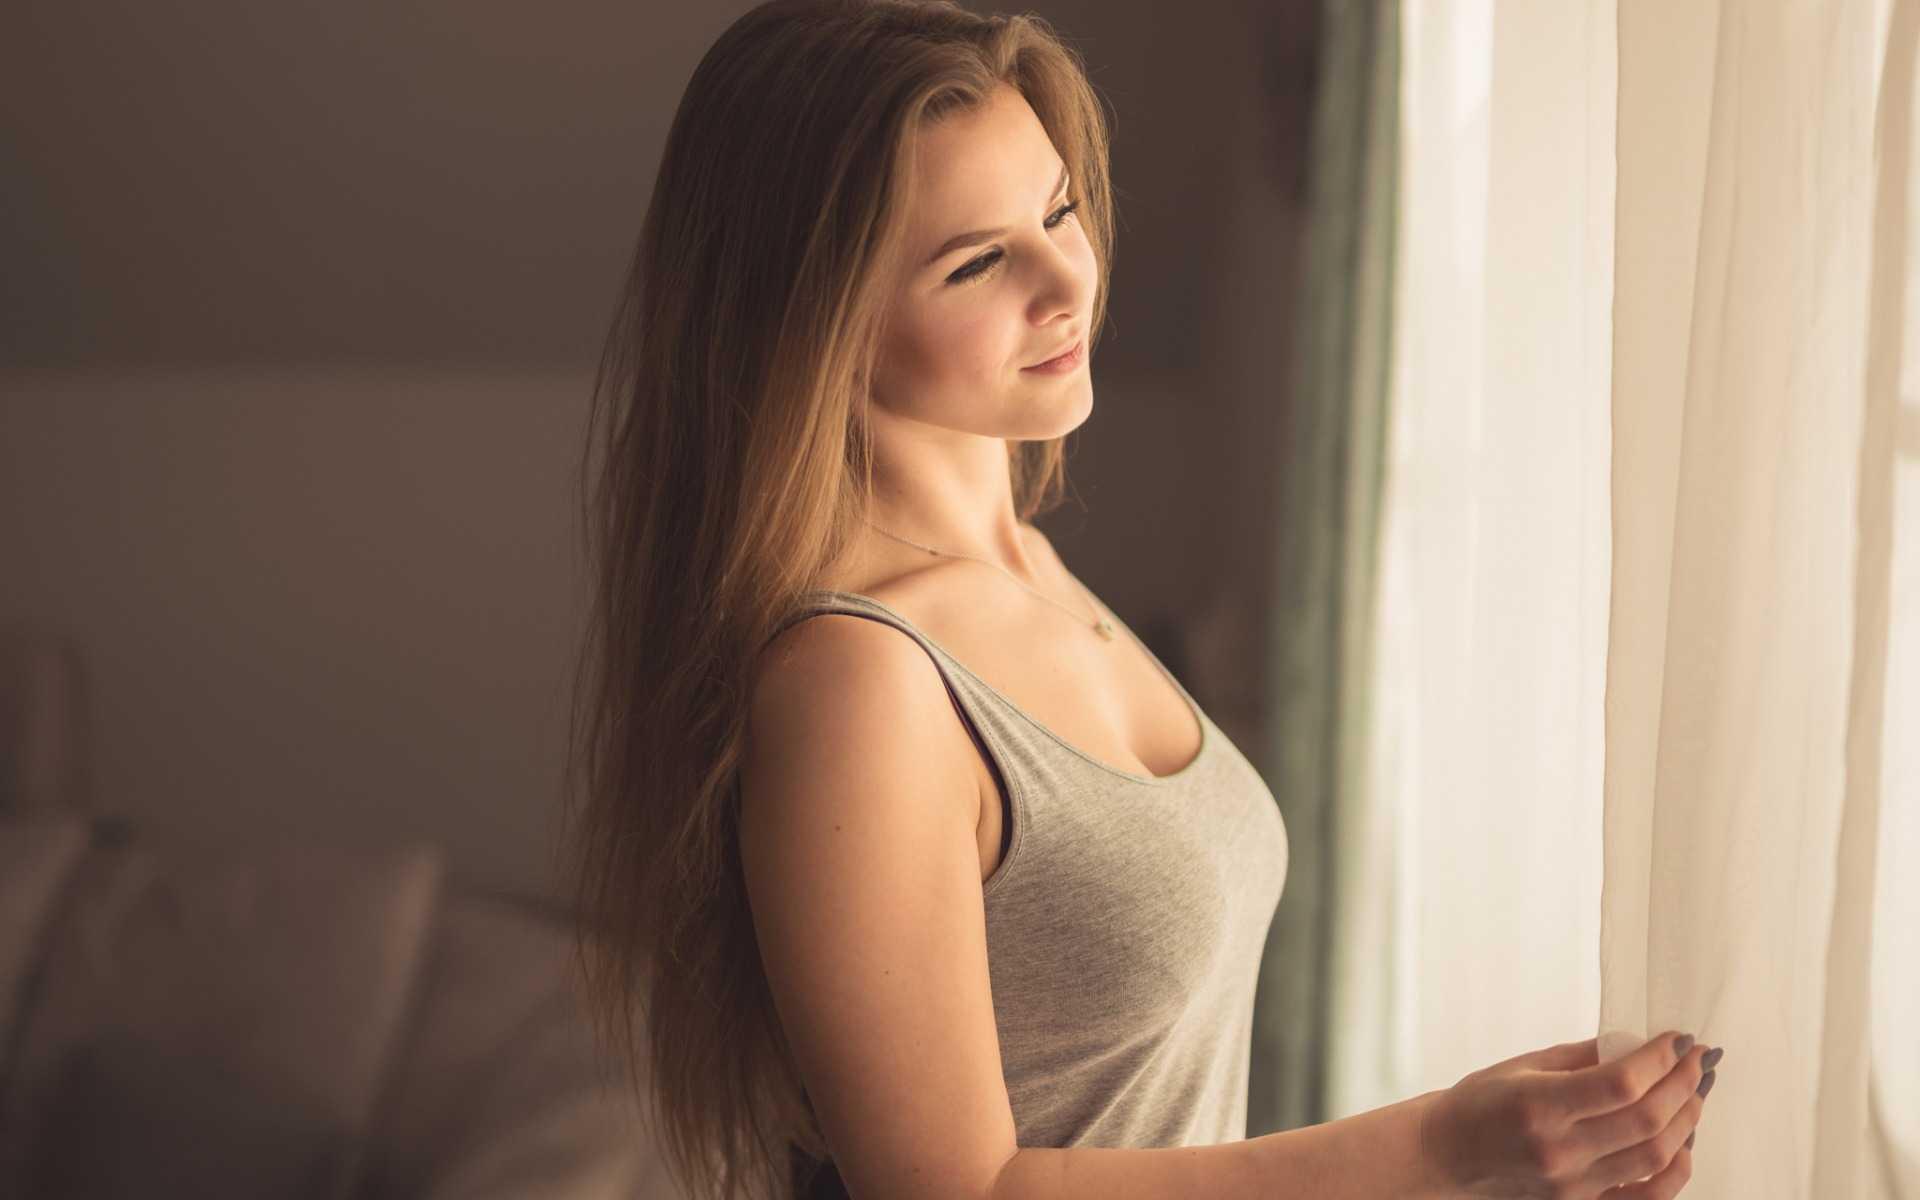 Три формы женской груди, которые любят мужчины